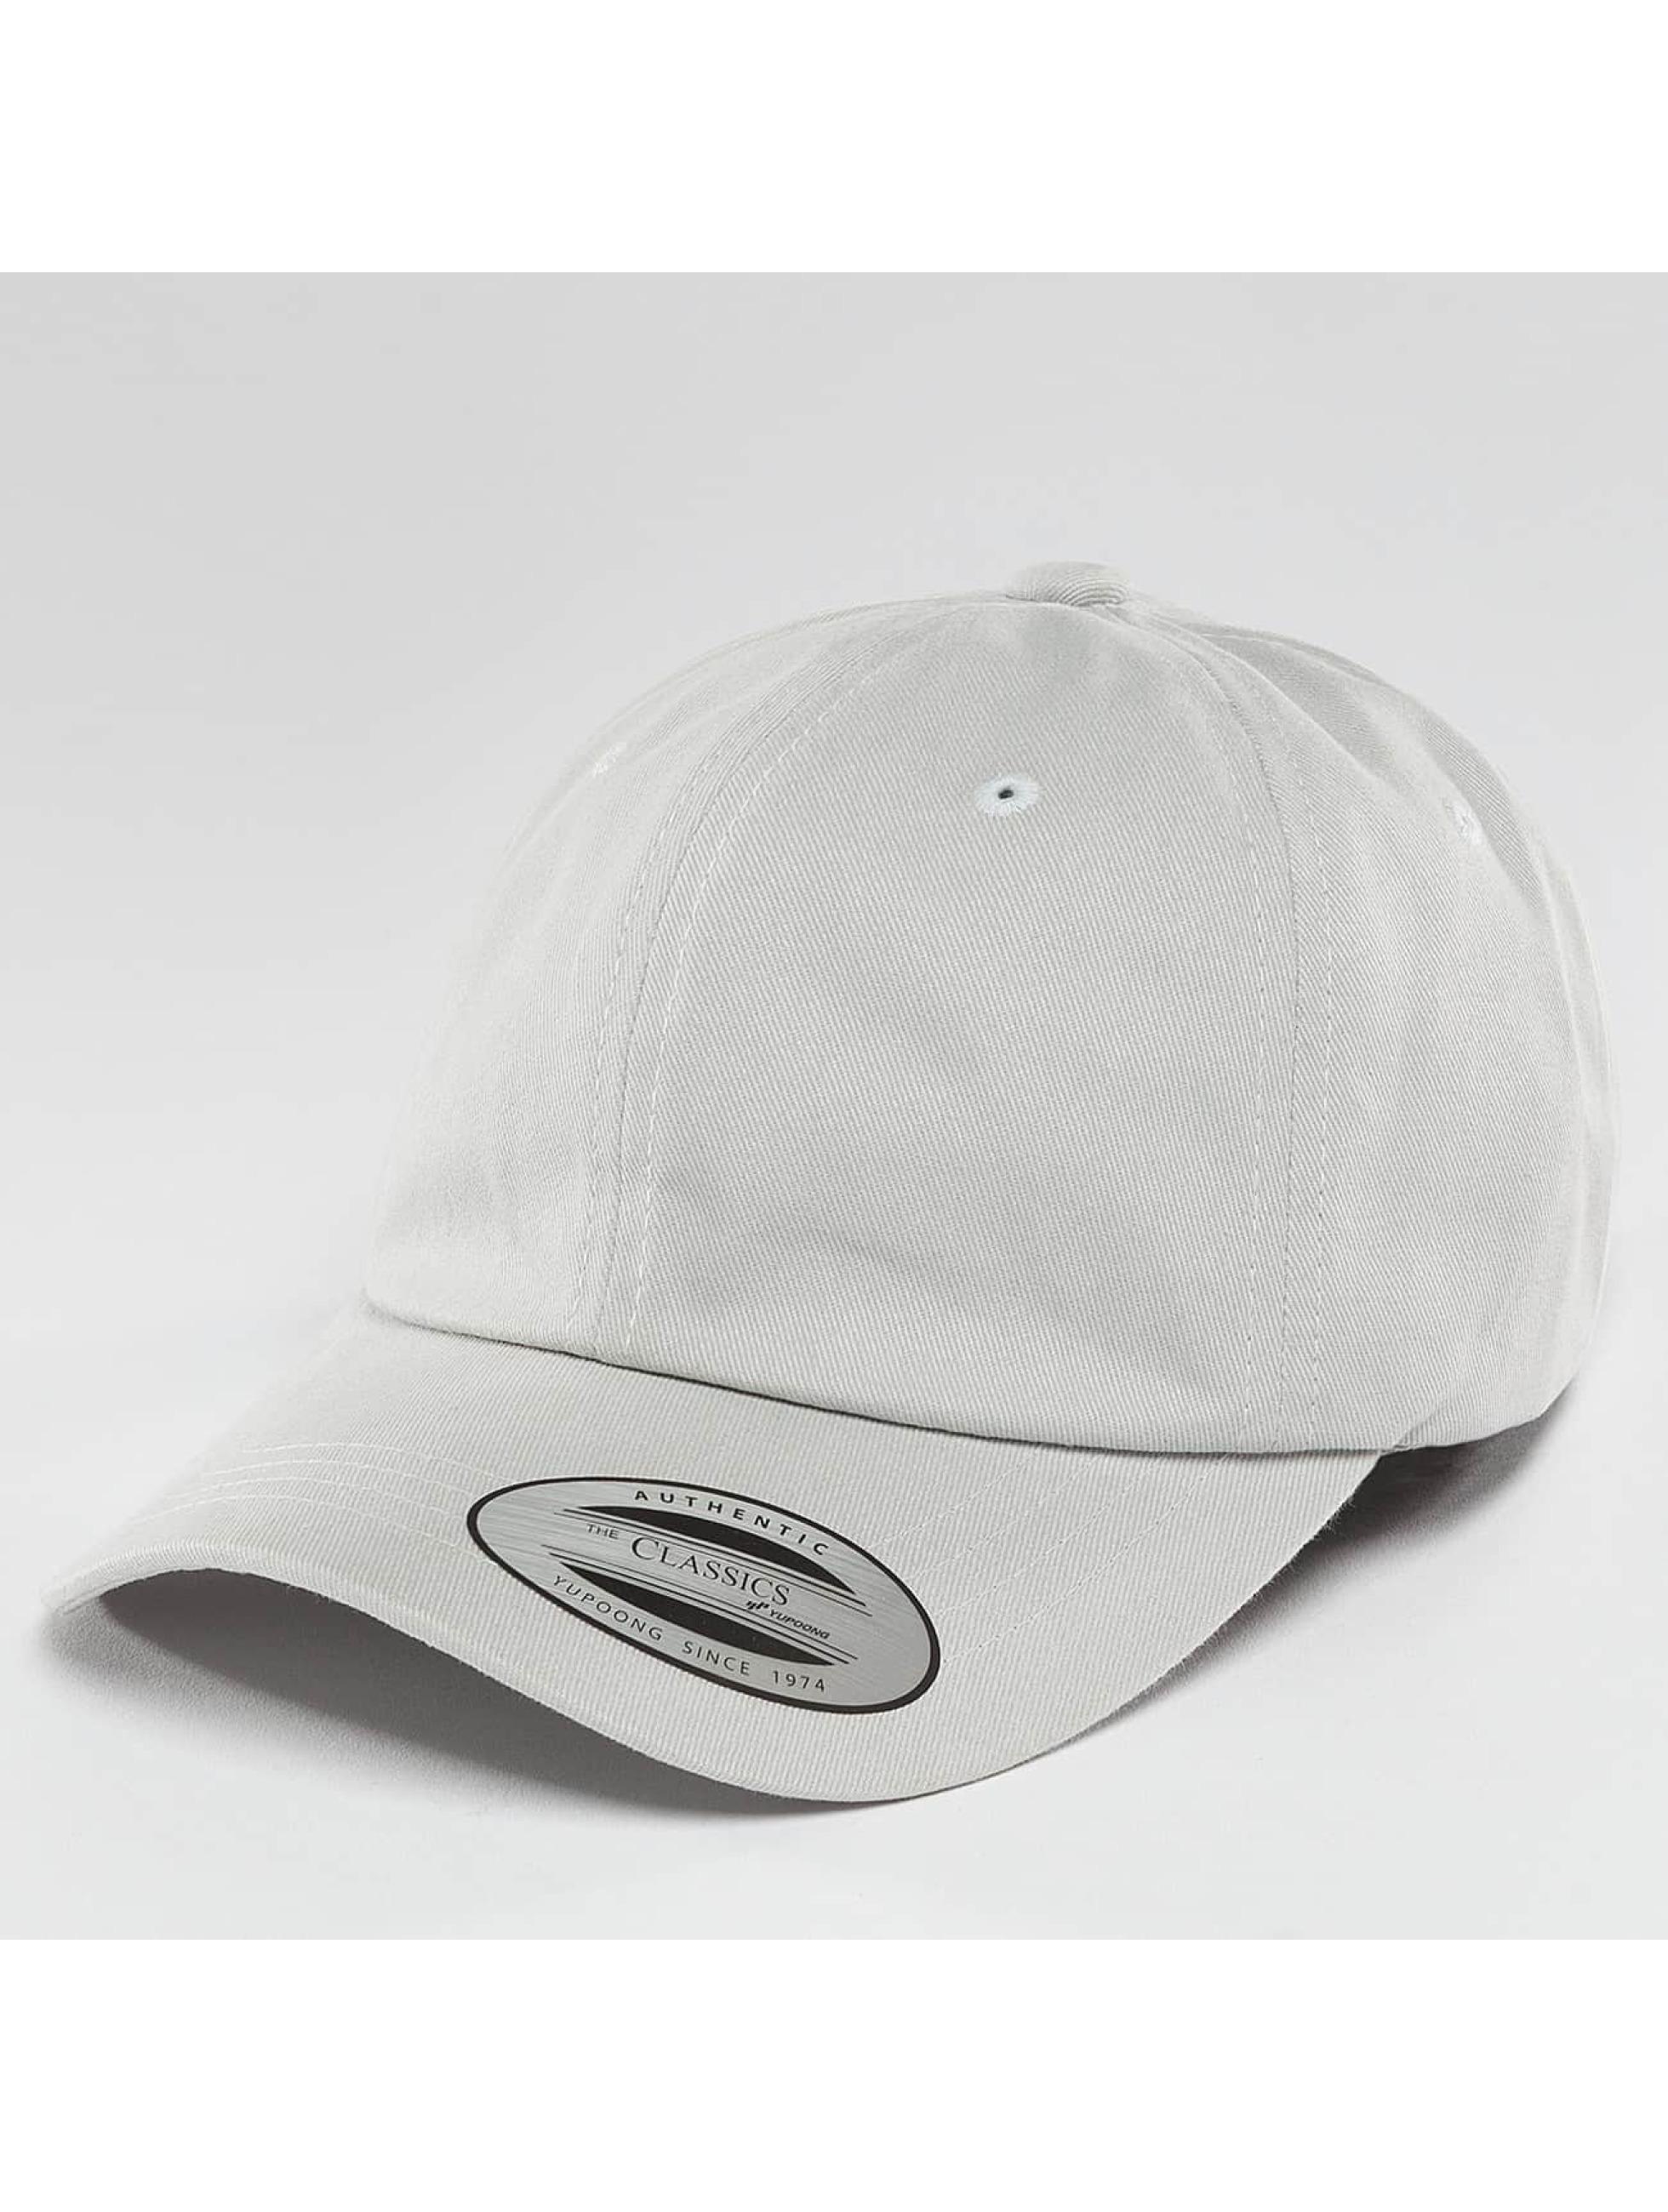 Flexfit Snapback Cap Peached Cotton Twill Dad grau